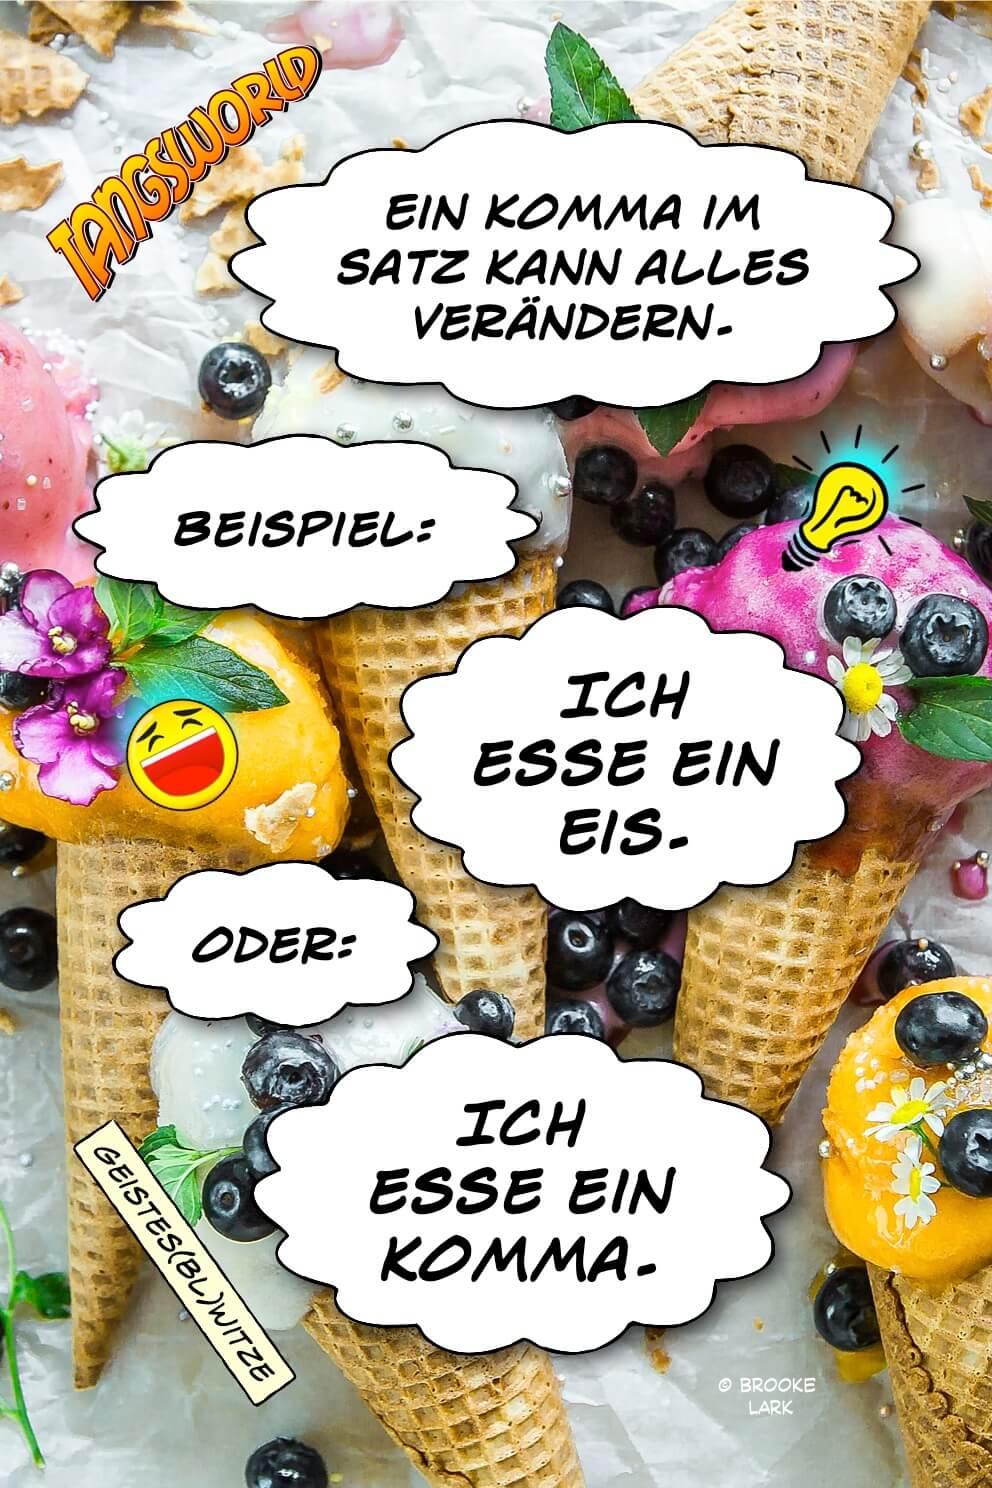 Ein Komma im Satz kann alles verändern. Beispiel: Ich esse ein Eis oder Ich esse ein Komma. - Geistes(bl)witze